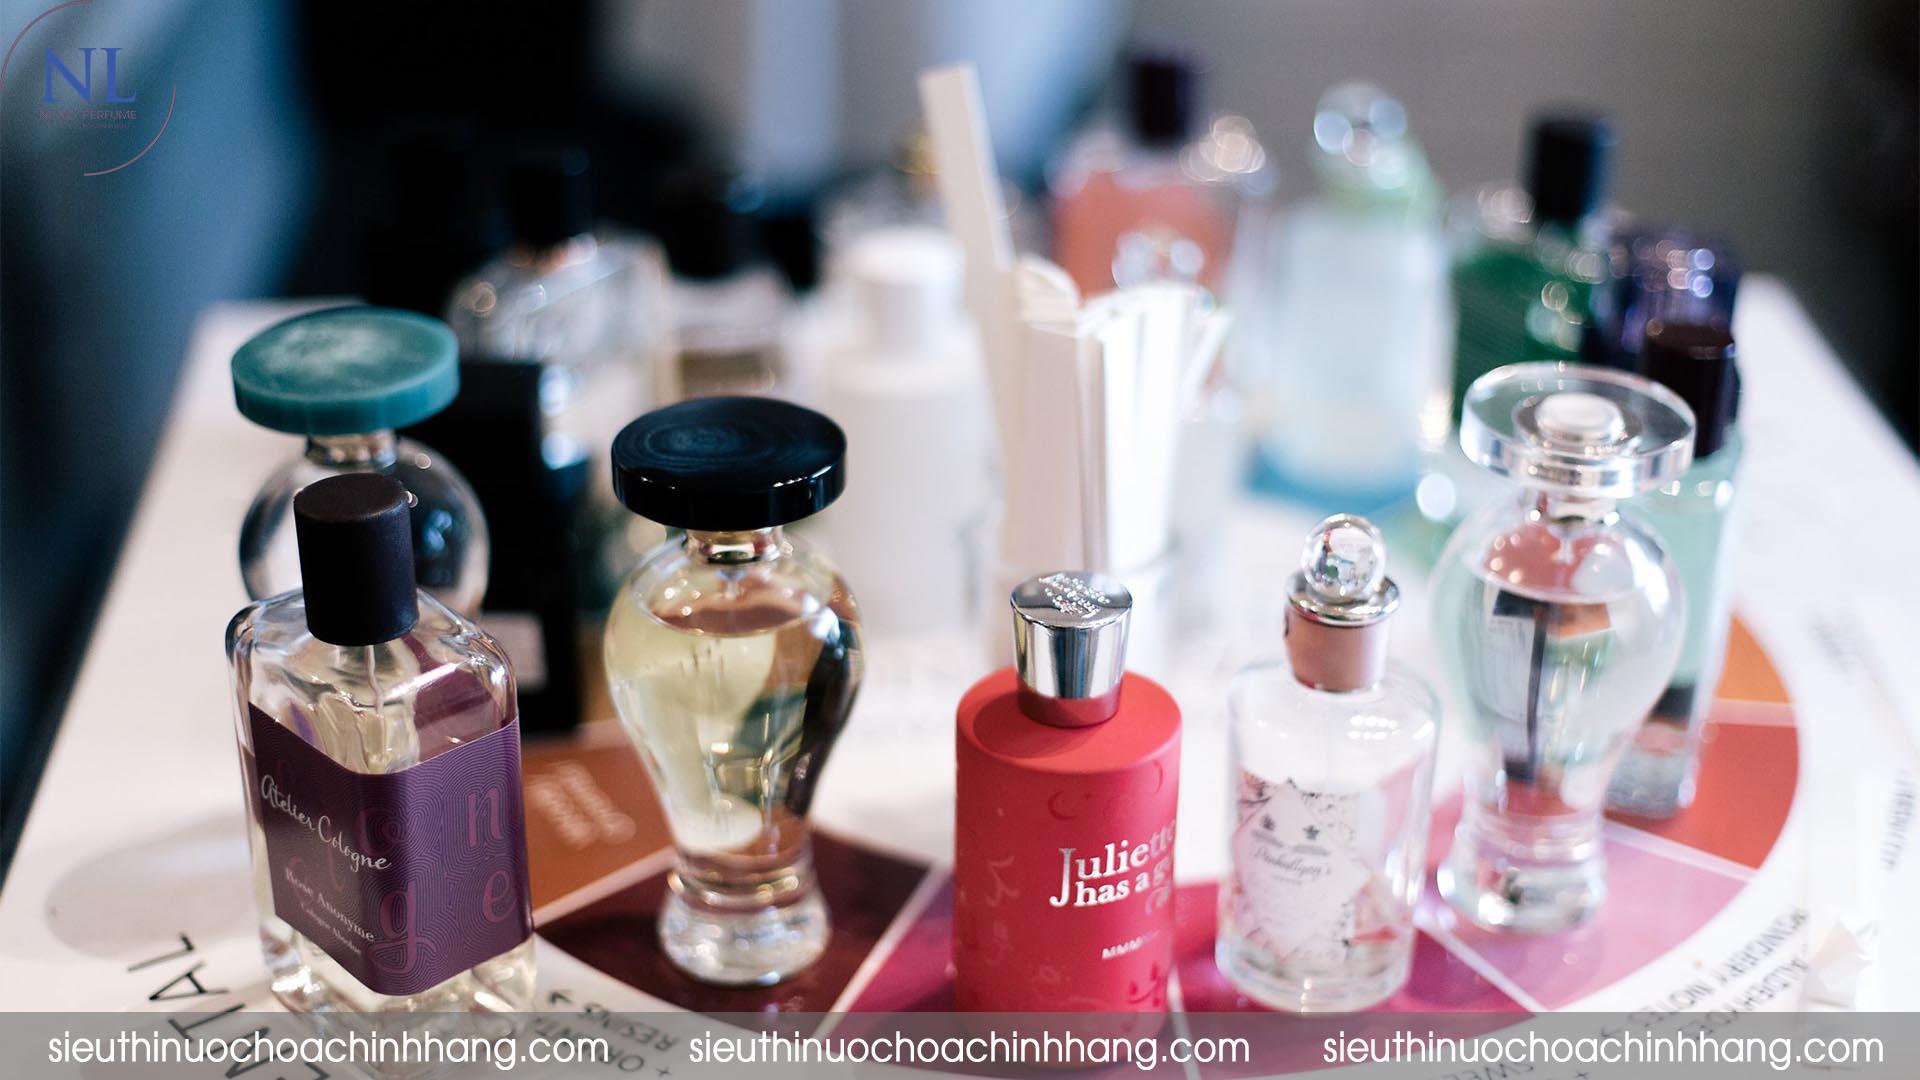 cách bảo quản nước hoa charme